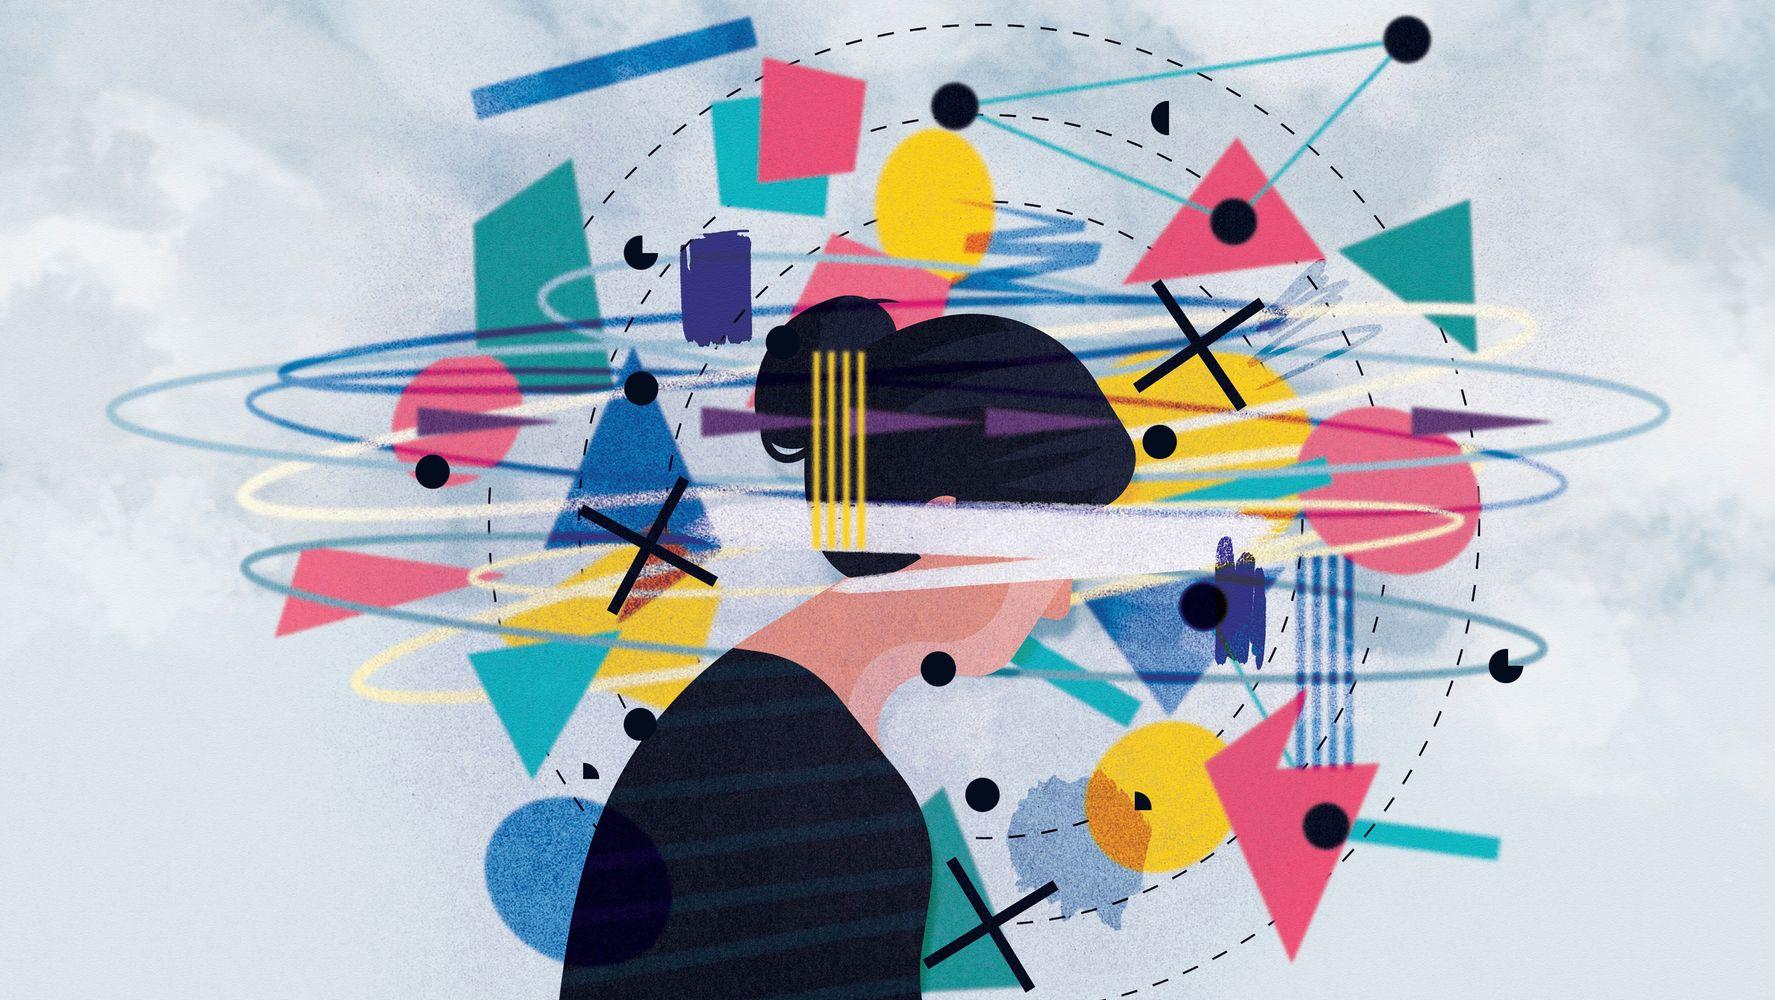 بینش و تاویل انتقال در رواندرمانی تحلیلی اختلال شخصیت مرزی